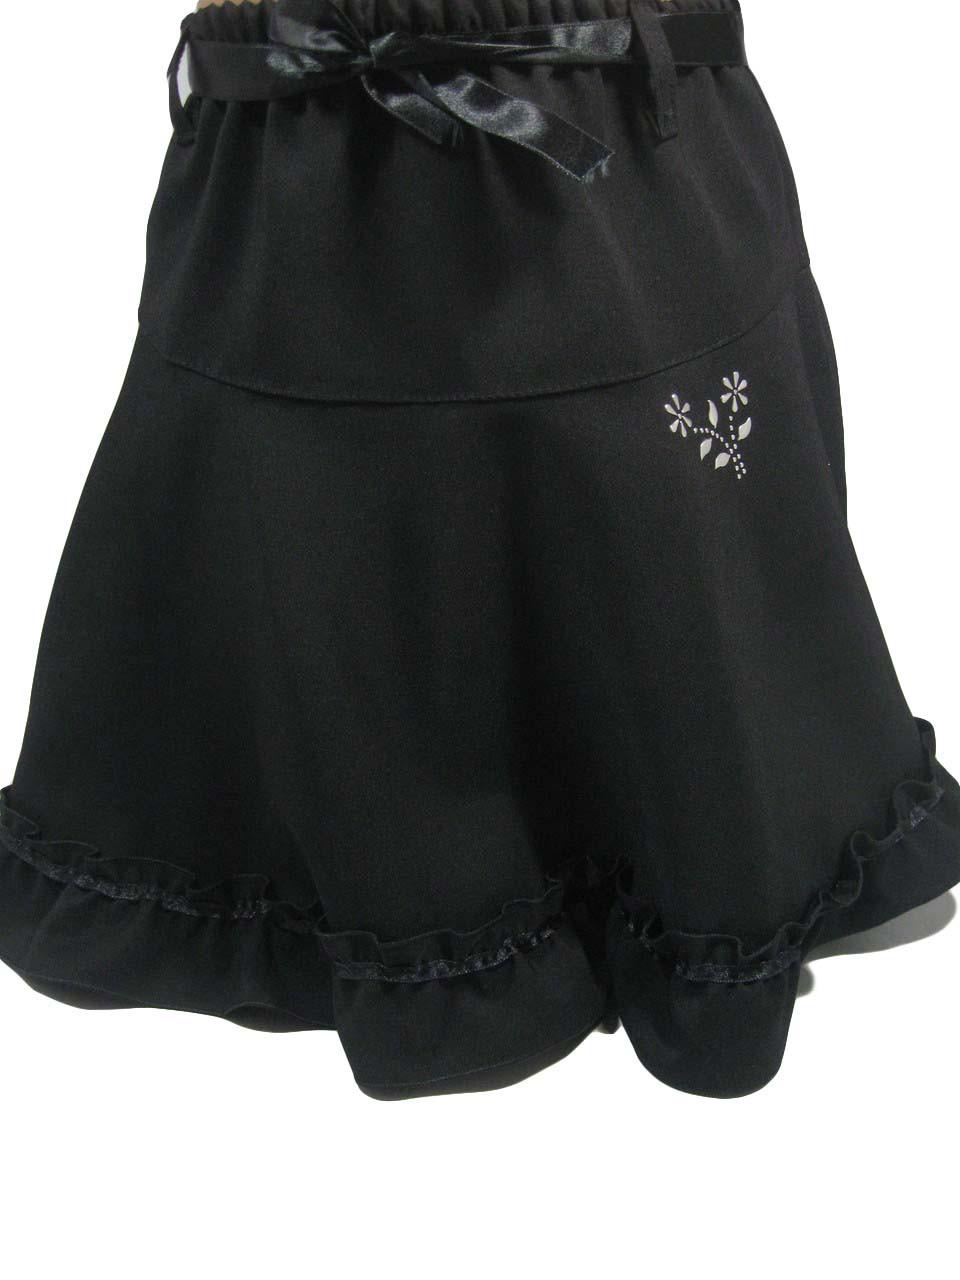 Юбка черная школьная для девочек, размеры 134-164( длина от 28 до 41 см), арт. 9040-2